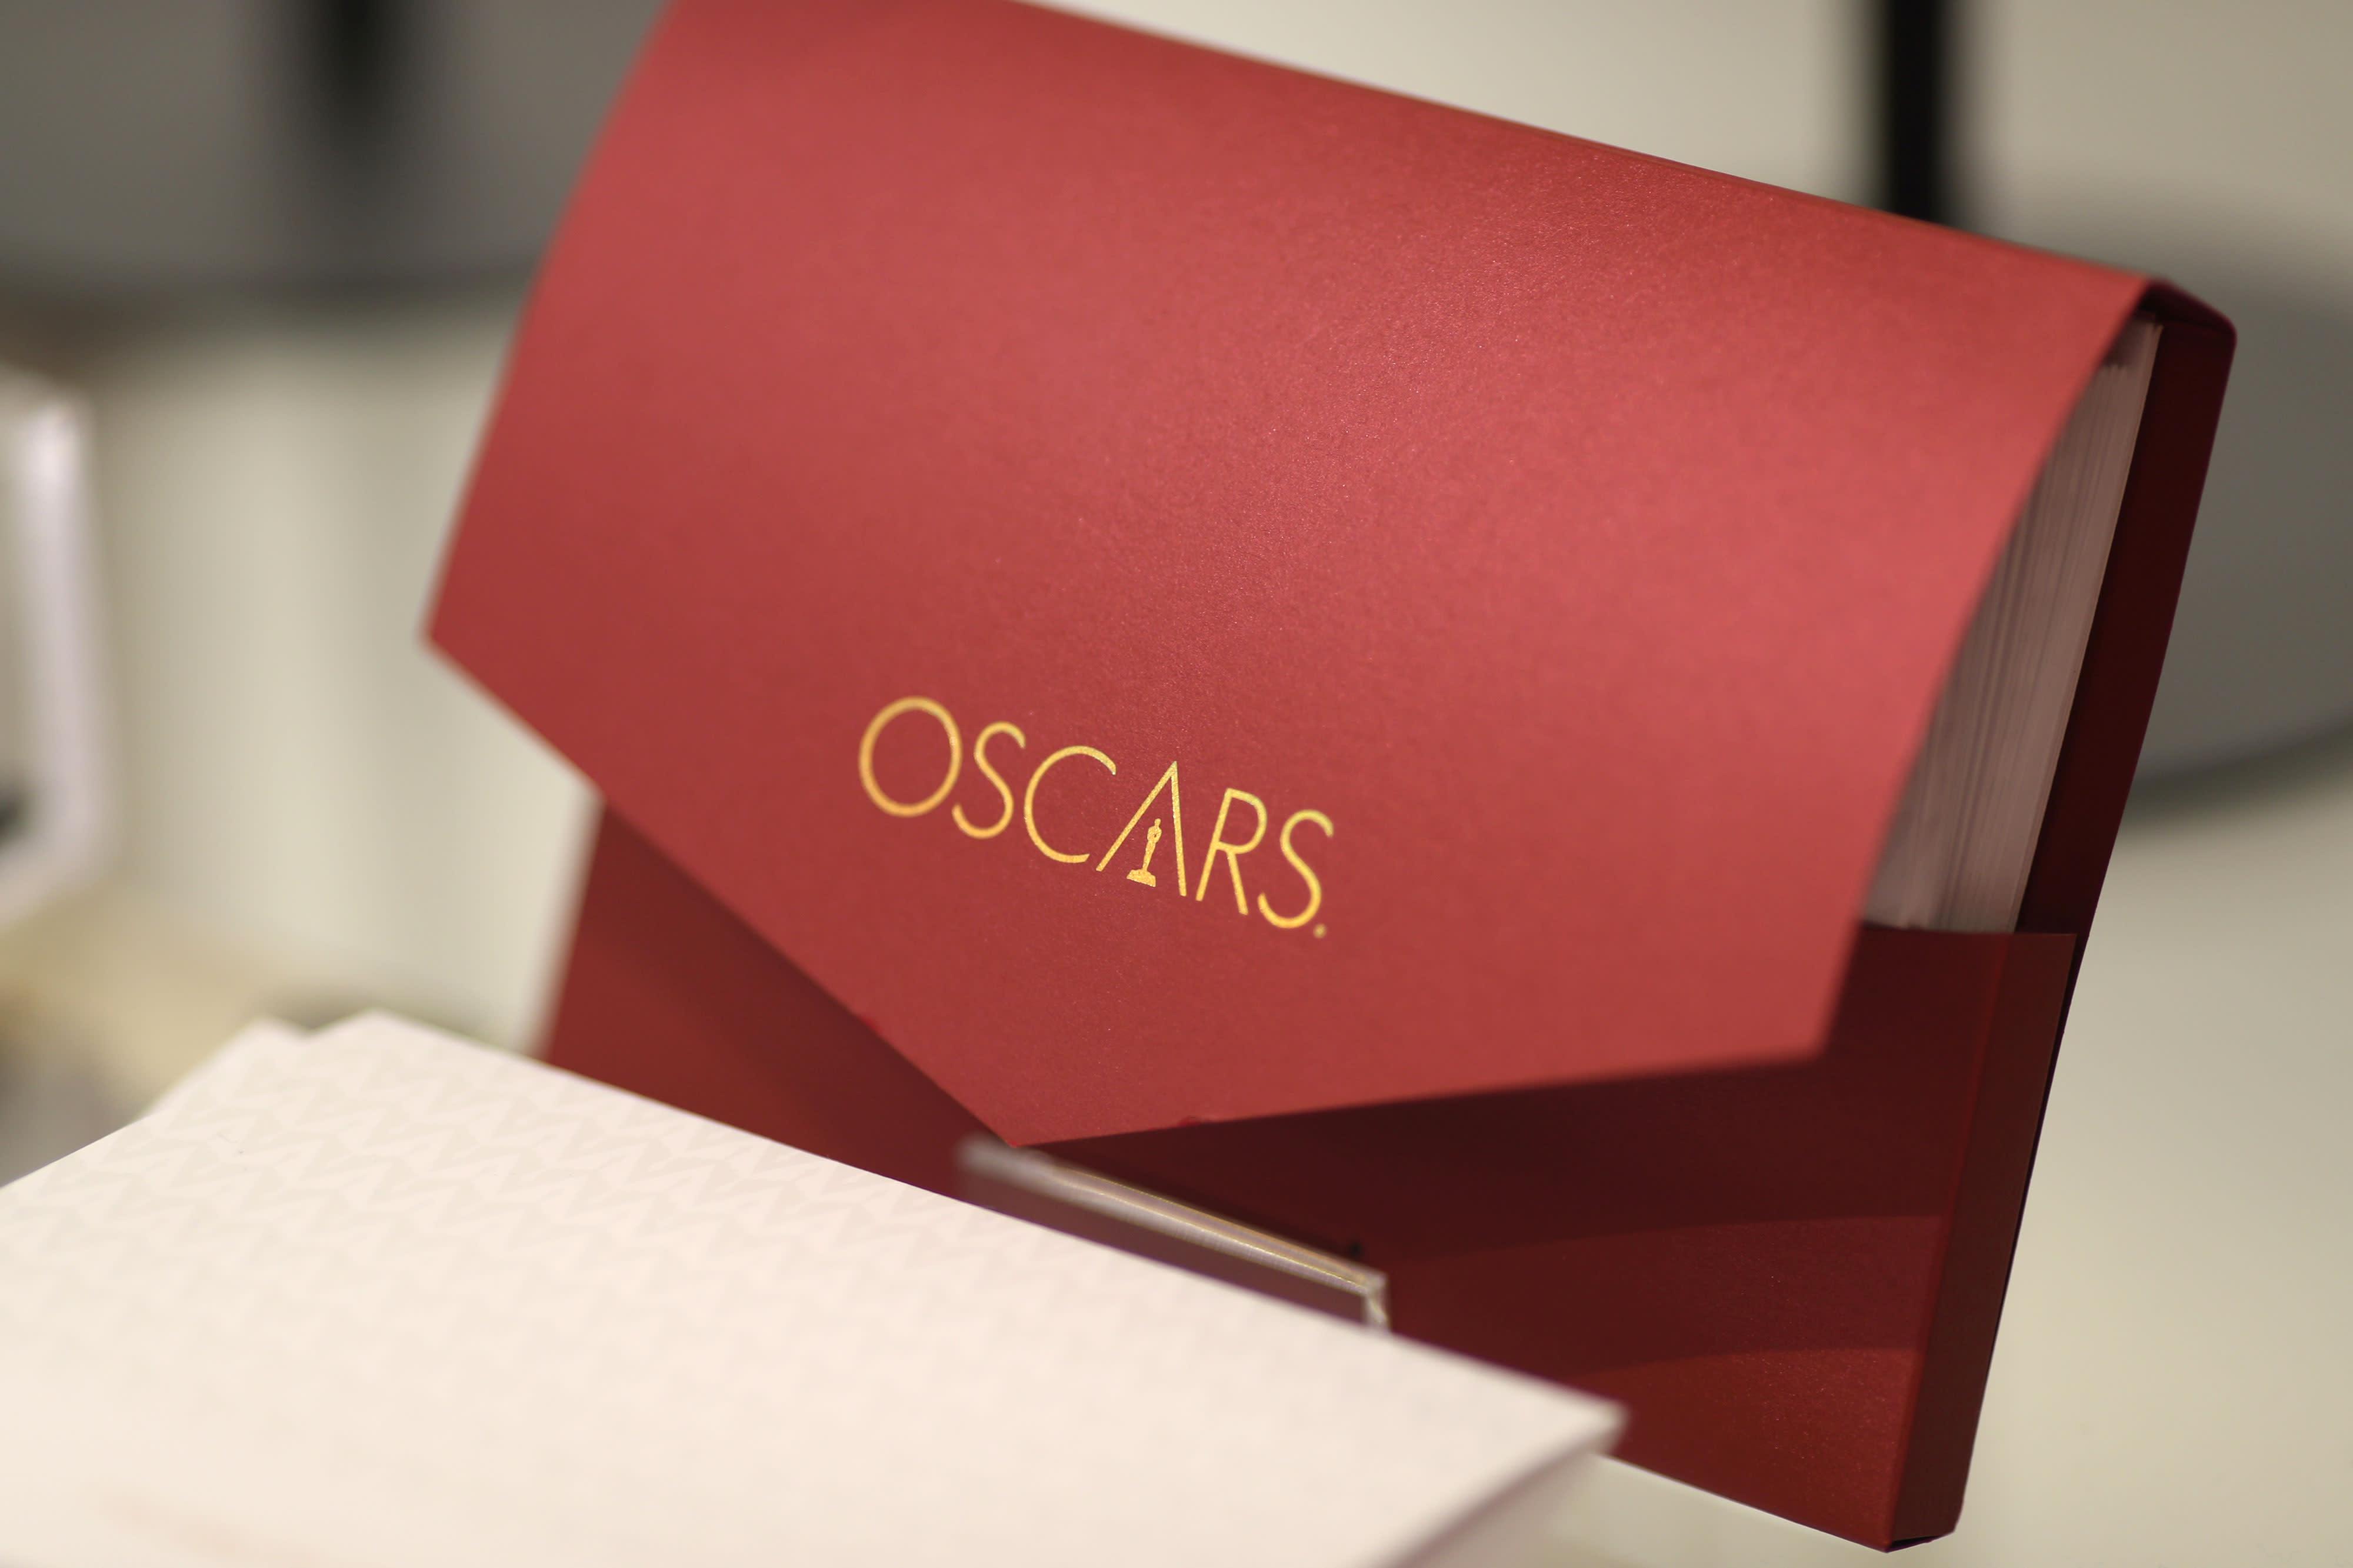 Aspettando gli Oscar 2021, i migliori film in gara